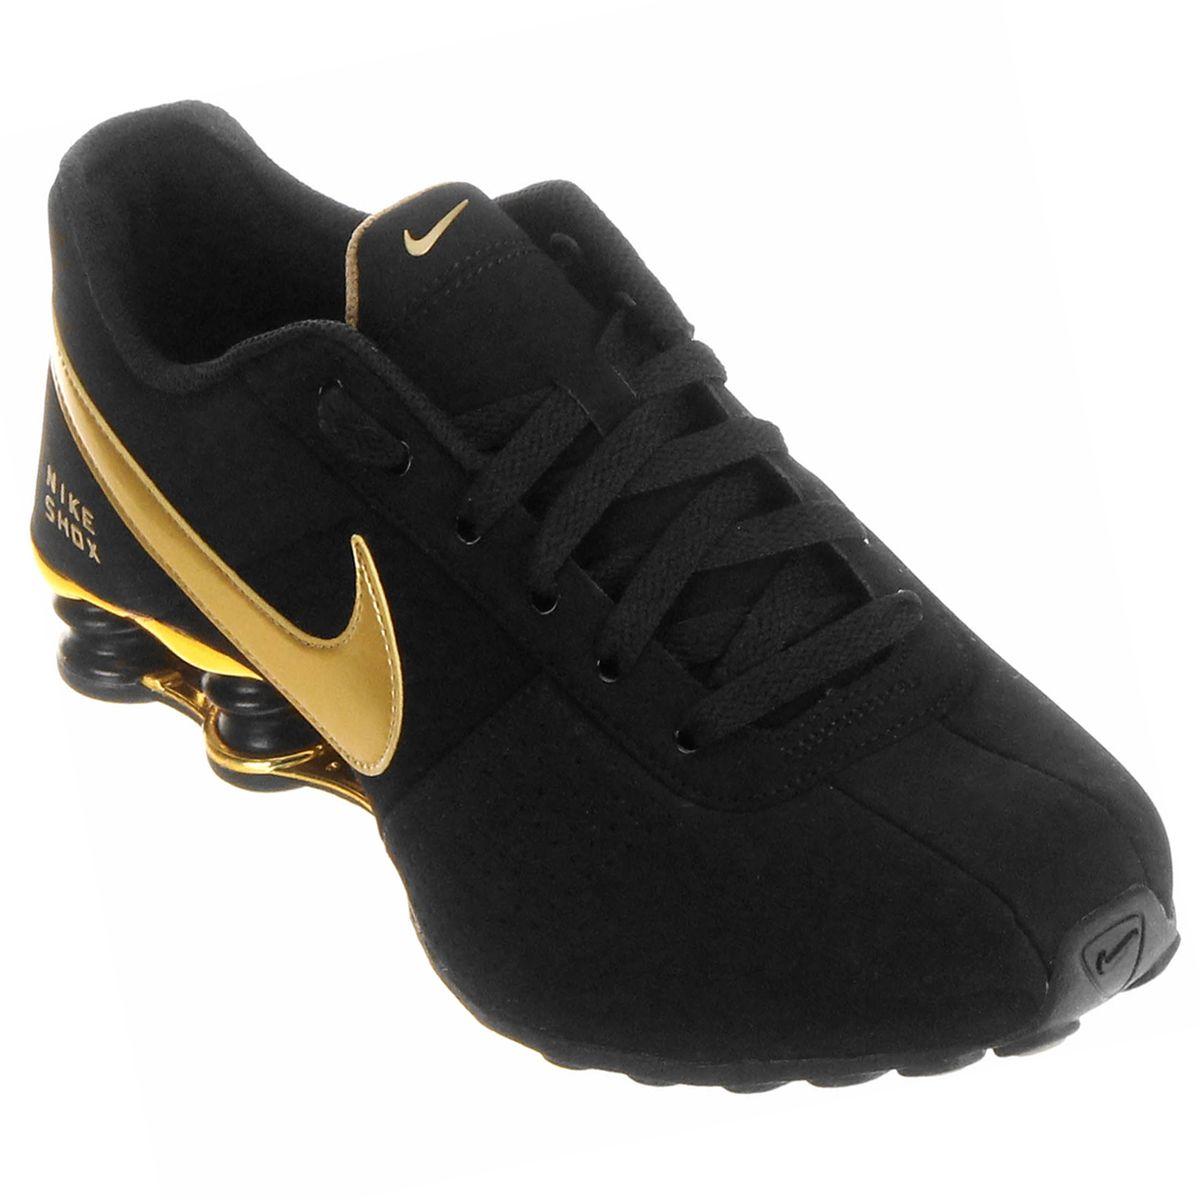 a77f95ed999 Tênis Nike Shox Deliver Dourado